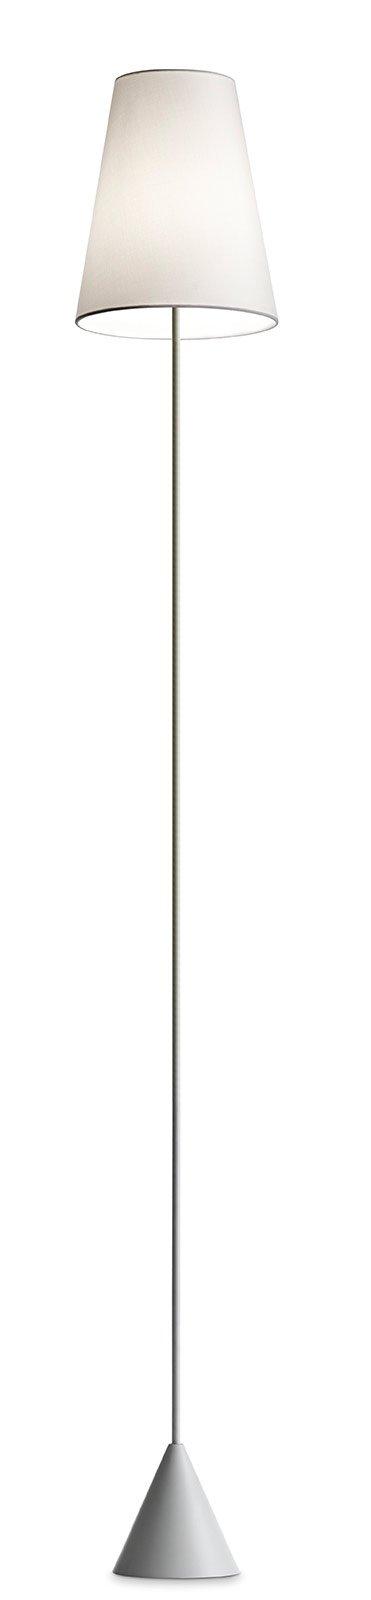 Ha un esile struttura in metallo, Lucilla di Modo Luce, con diffusore conico disponibile in tessuto, ecopelle o pvc. Misura Ø 25 x H 173 cm. Prezzo 488 euro. www.modoluce.com